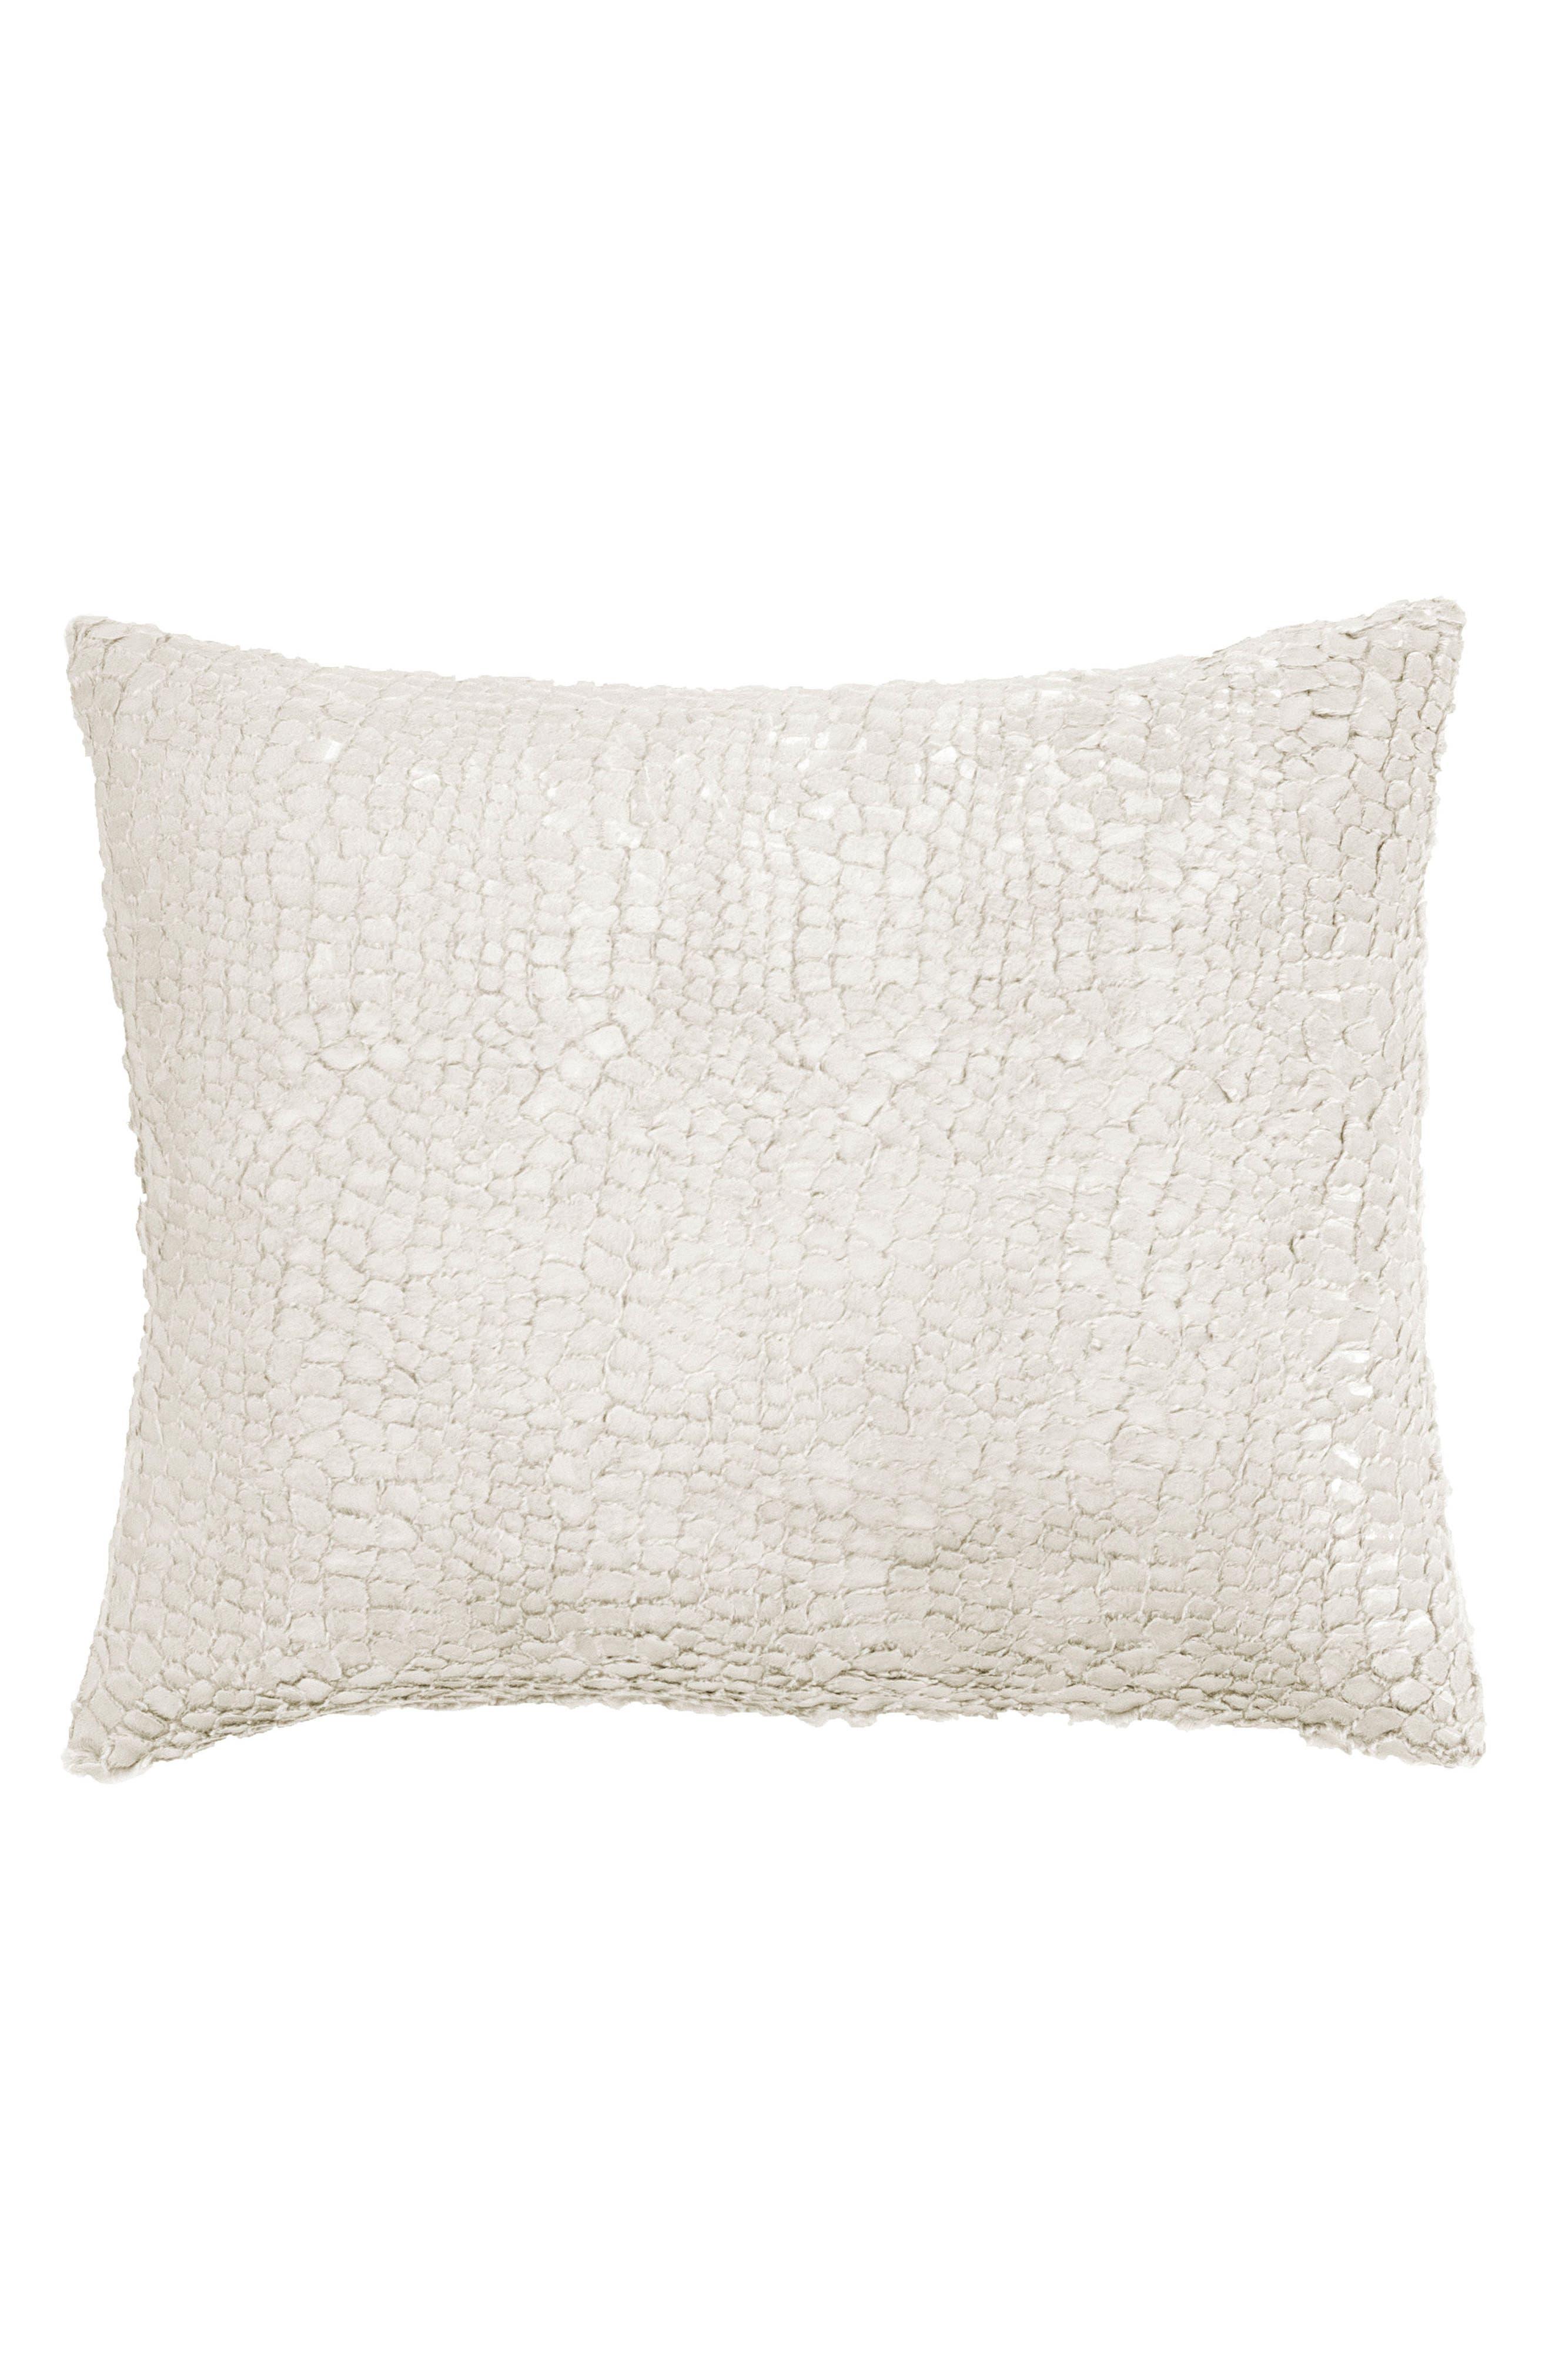 Gloss Velvet Pillow,                             Main thumbnail 1, color,                             060